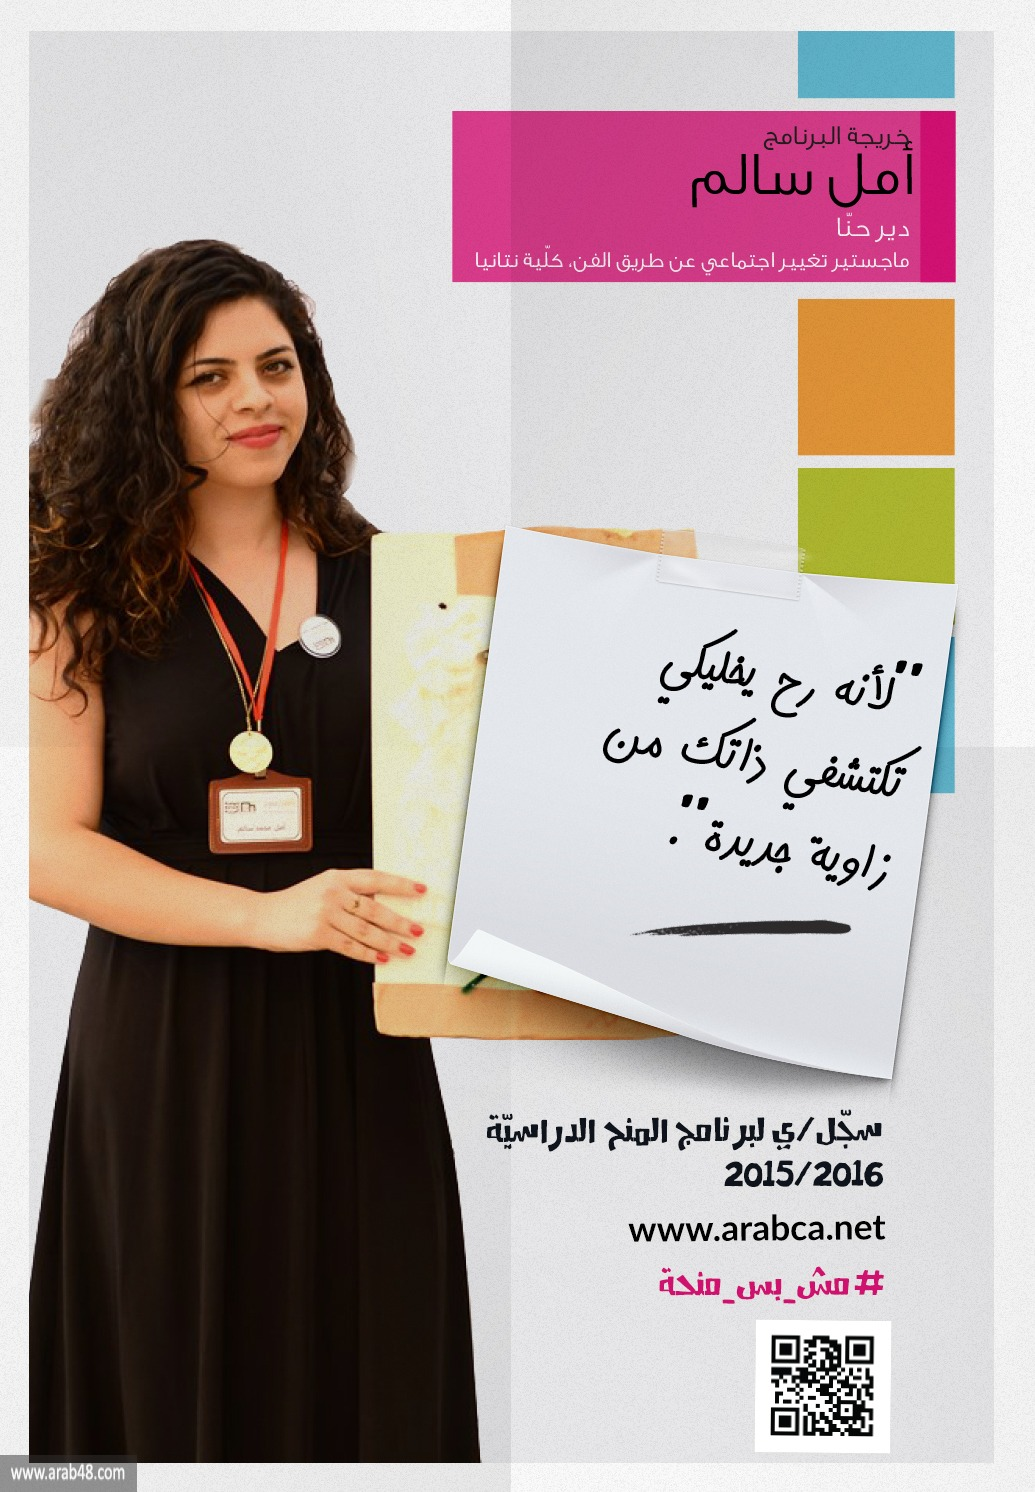 #مش_بس_منحة: حملة مرافقة للتسجيل لمنح جمعيّة الثّقافة العربية